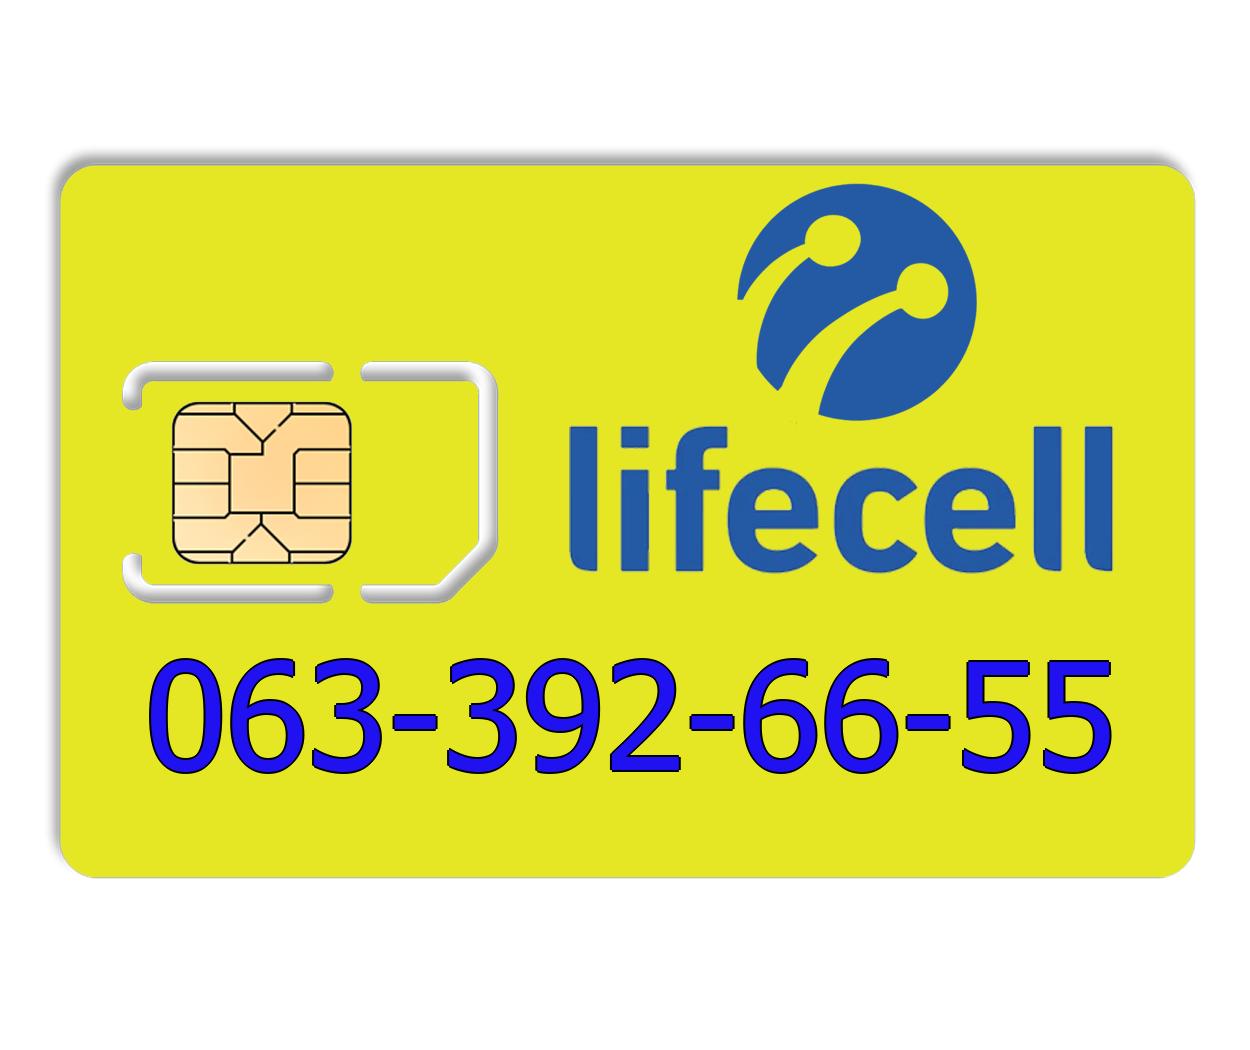 Красивый номер lifecell 063-392-66-55